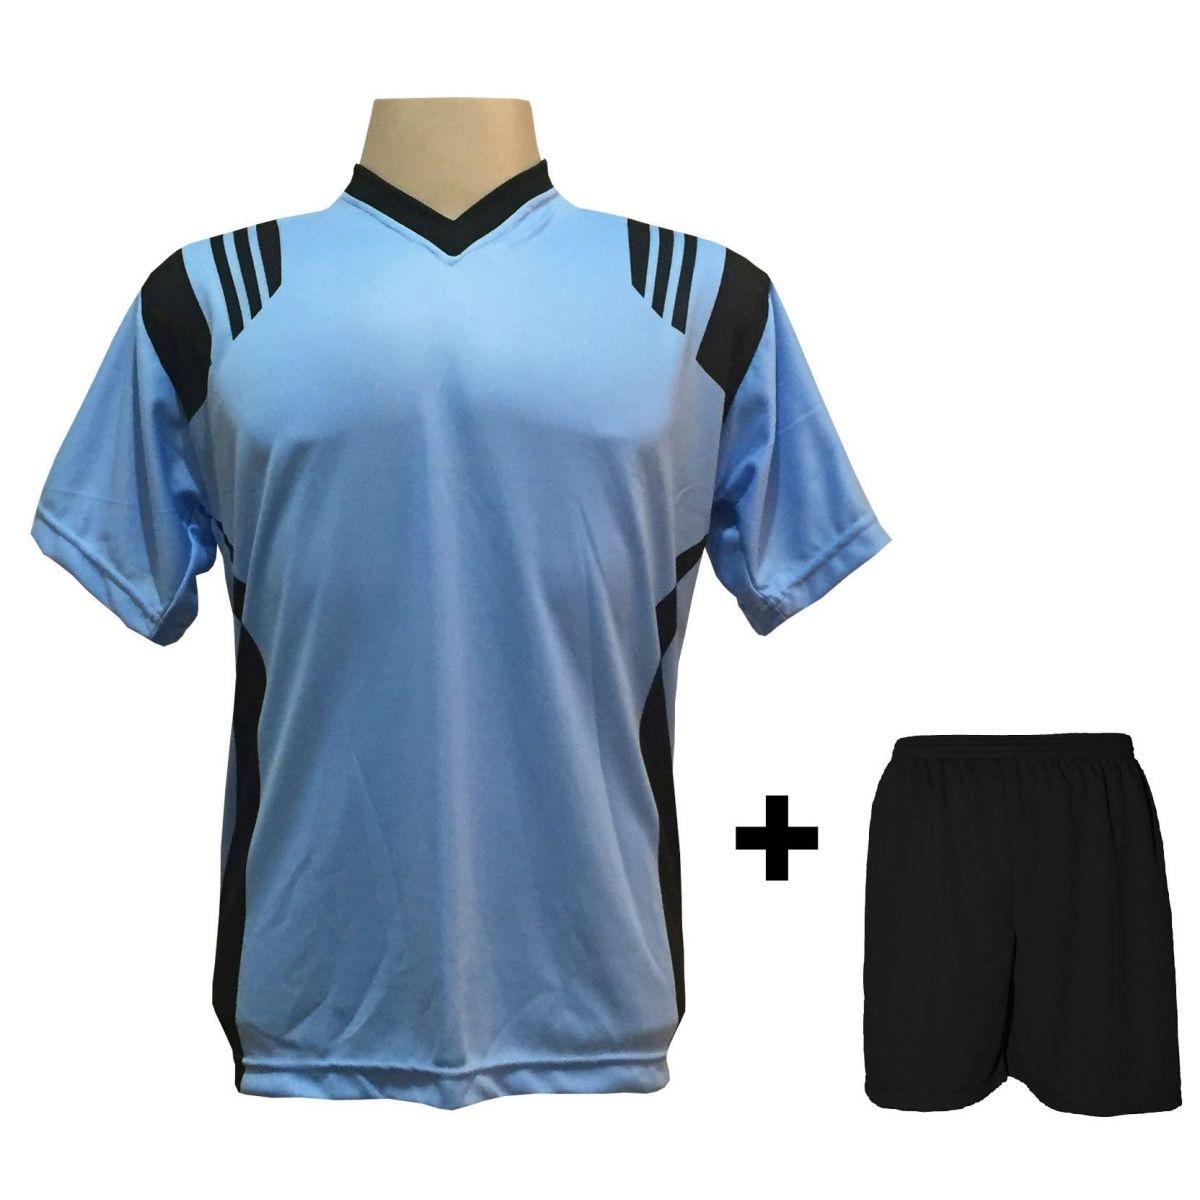 Uniforme Esportivo com 12 camisas modelo Roma Celeste/Preto + 12 calções modelo Madrid Preto + Brindes